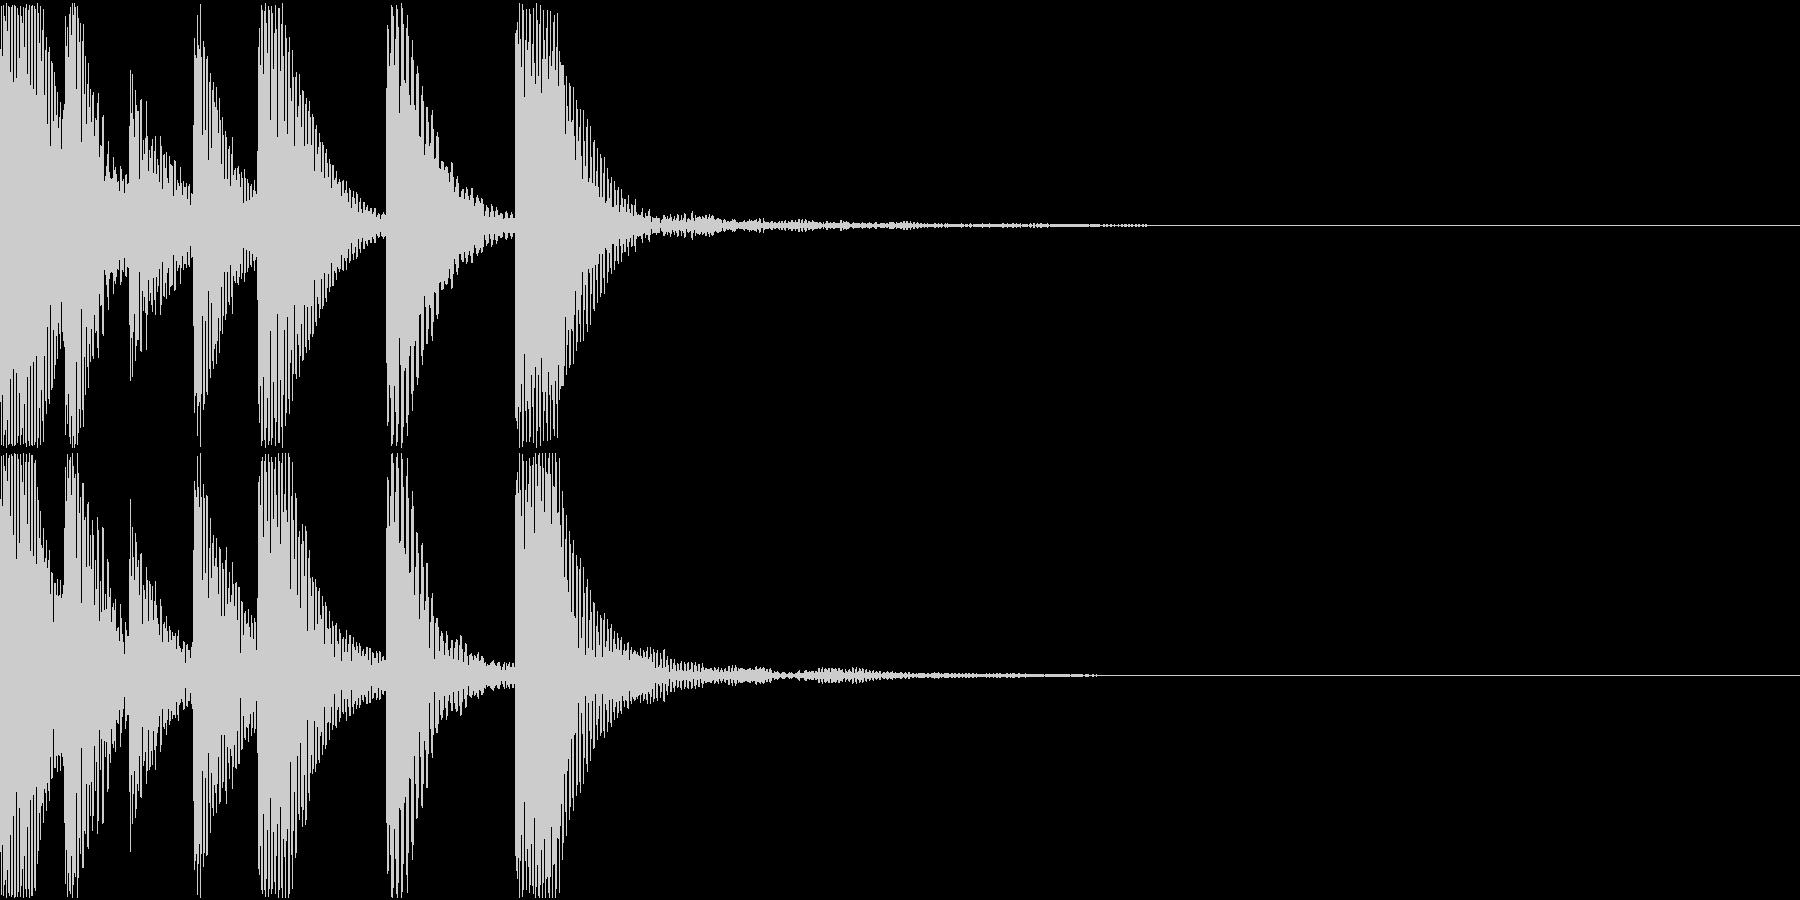 コミカルな木琴ジングルの未再生の波形